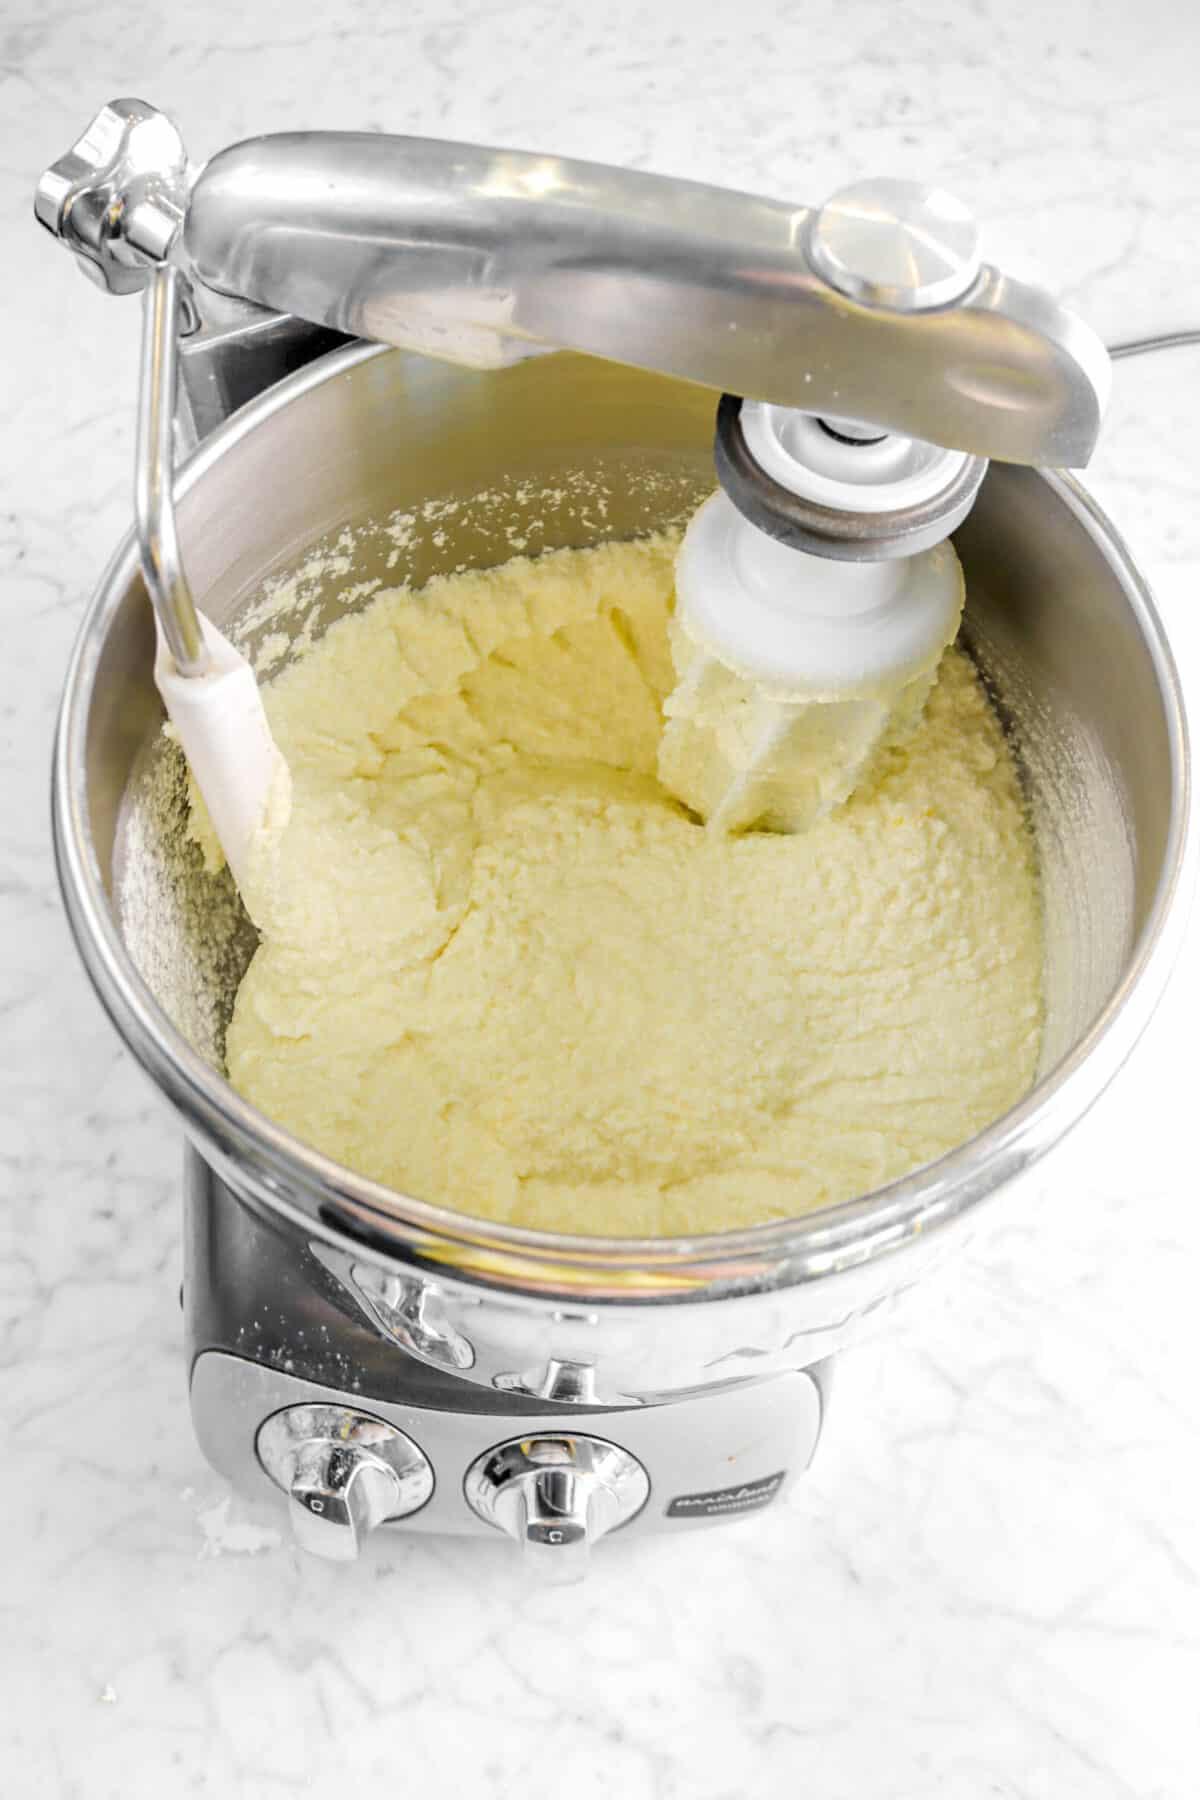 milk stirred in